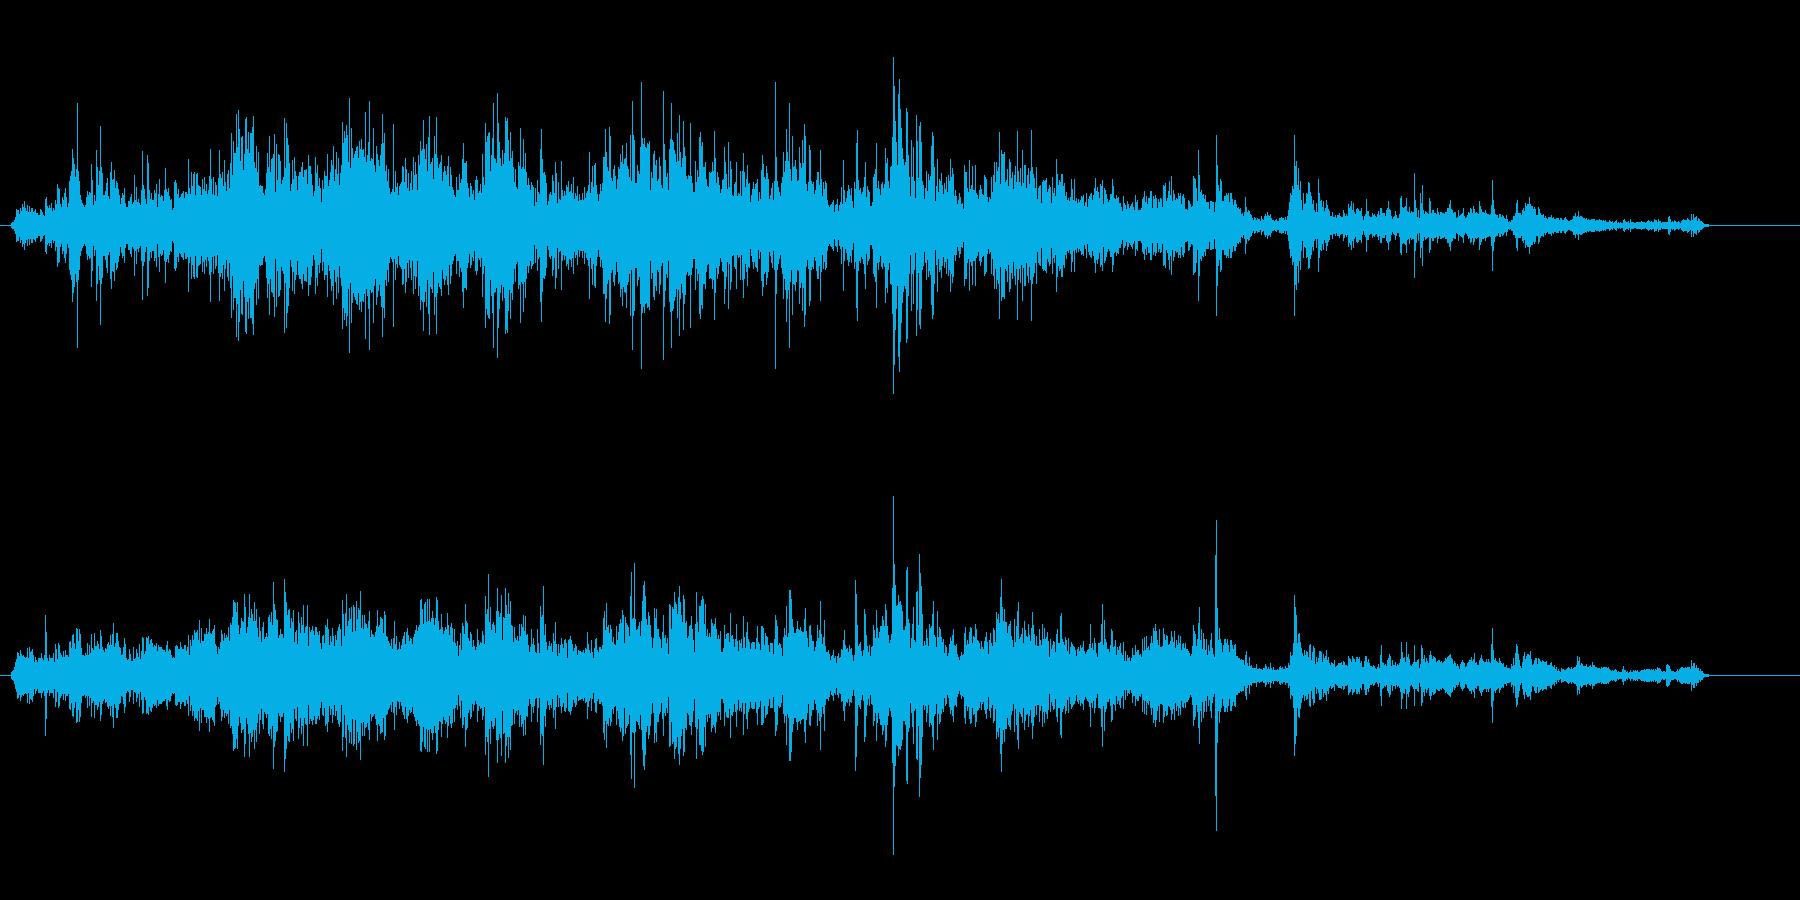 クシャクシャクシャ(紙のような効果音)の再生済みの波形